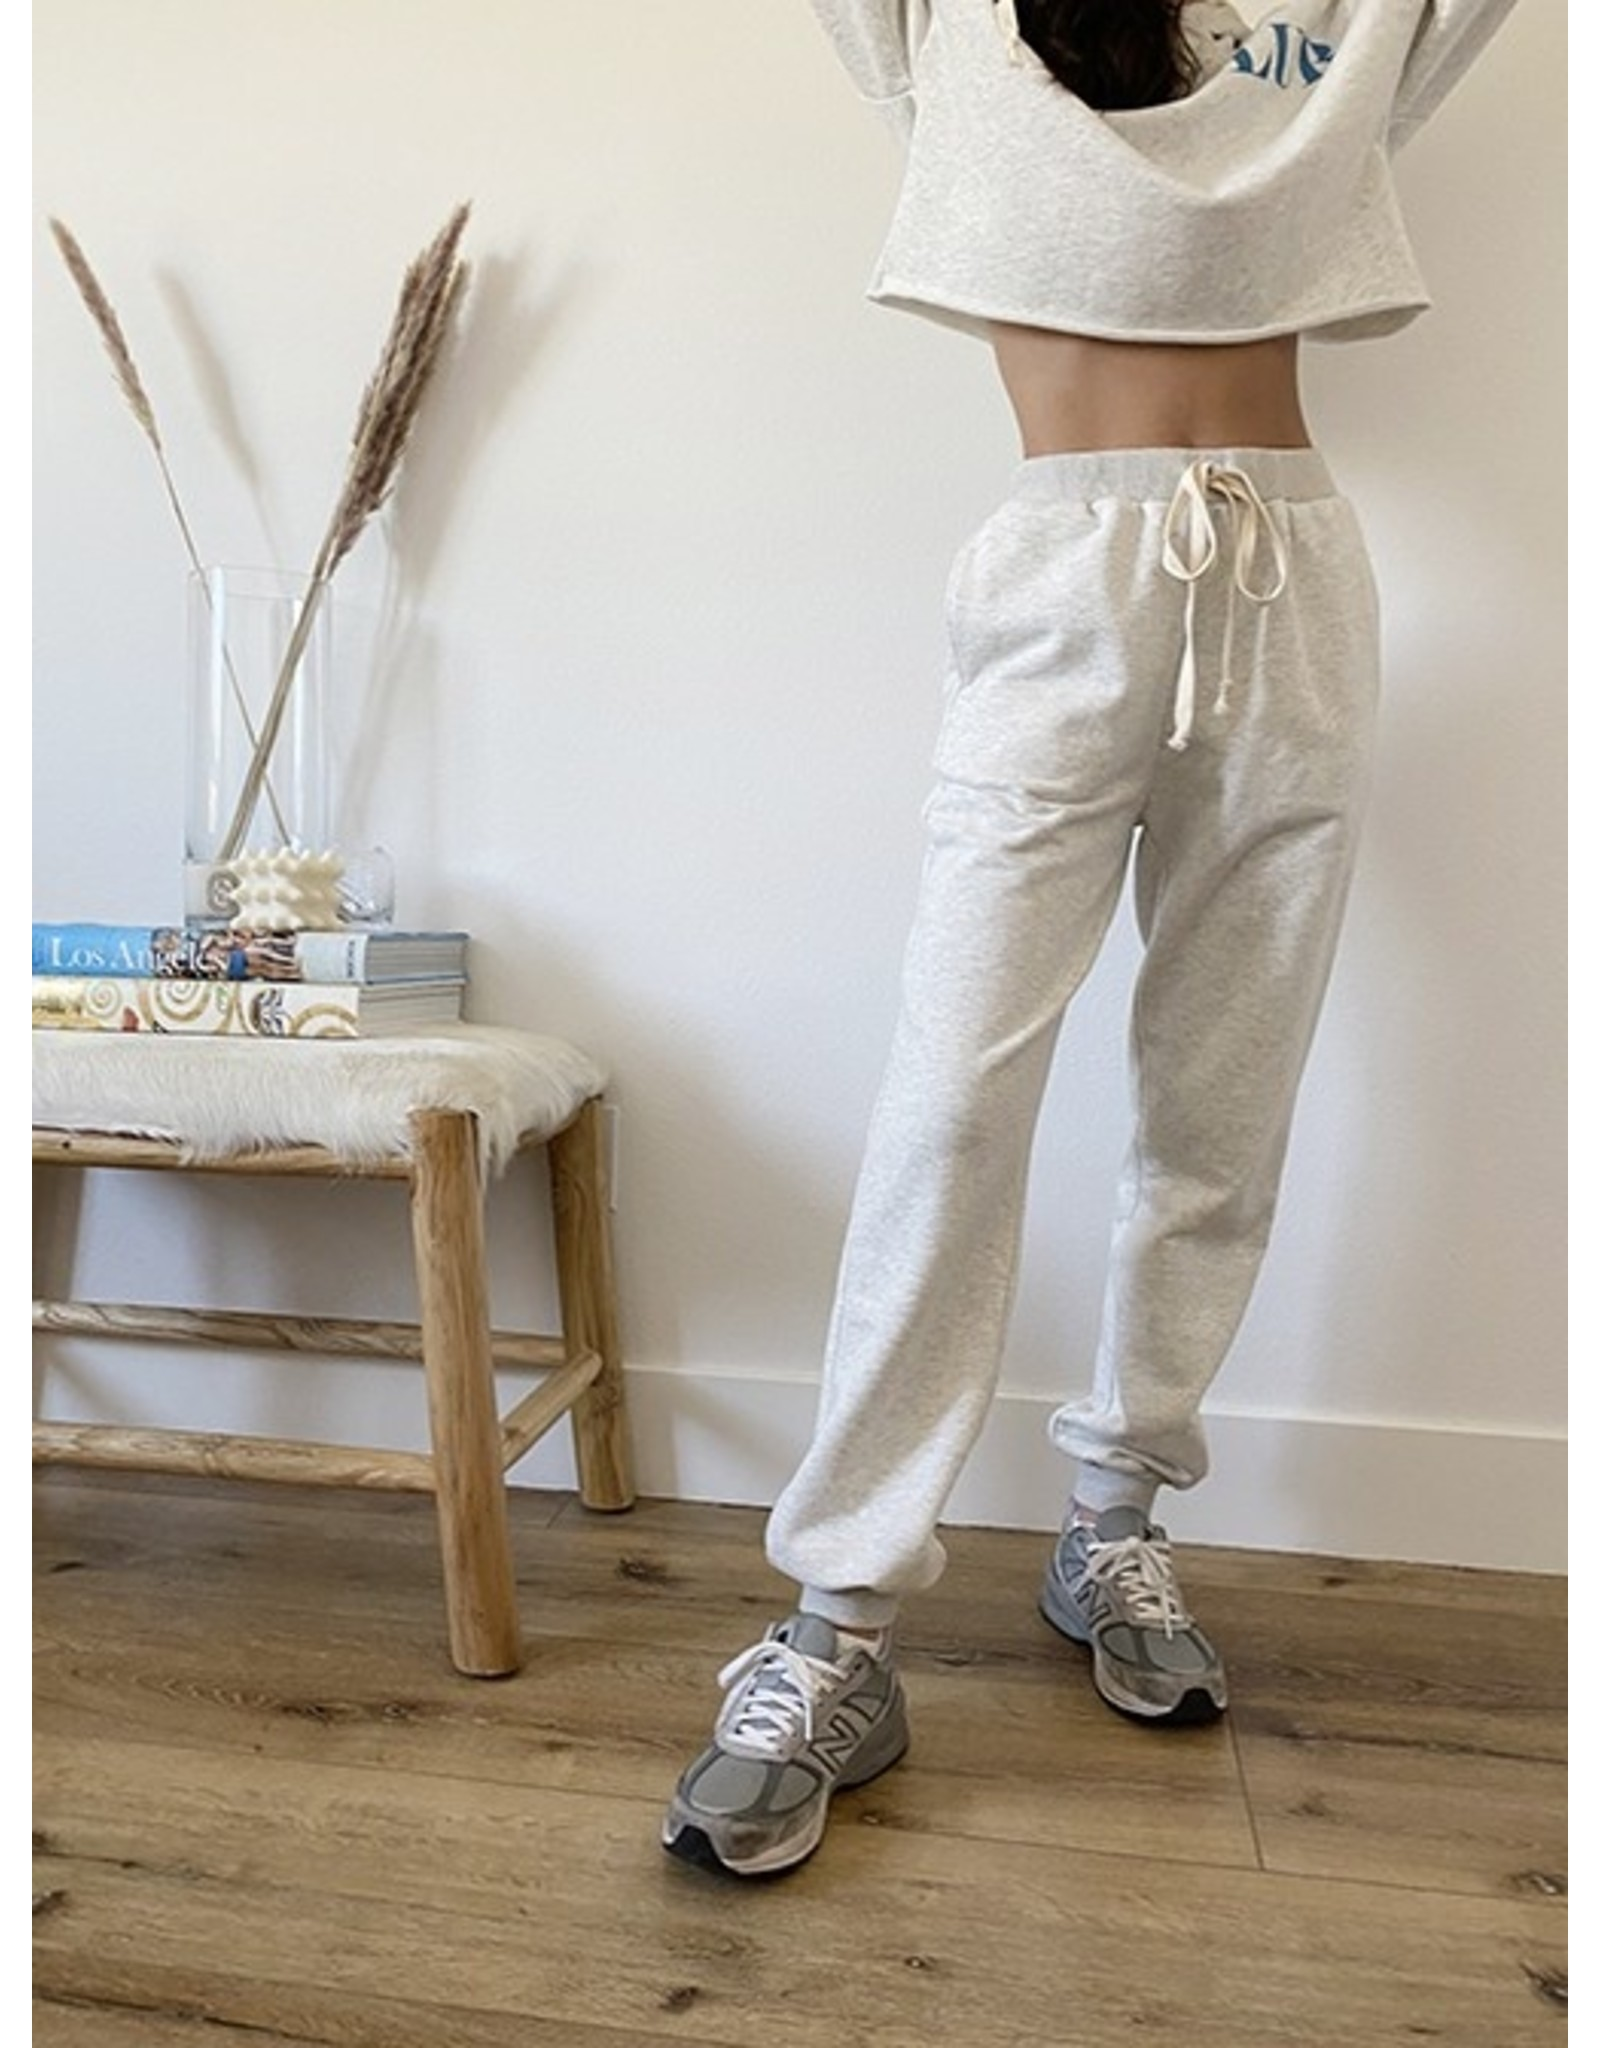 Sofa Club Sweatpants